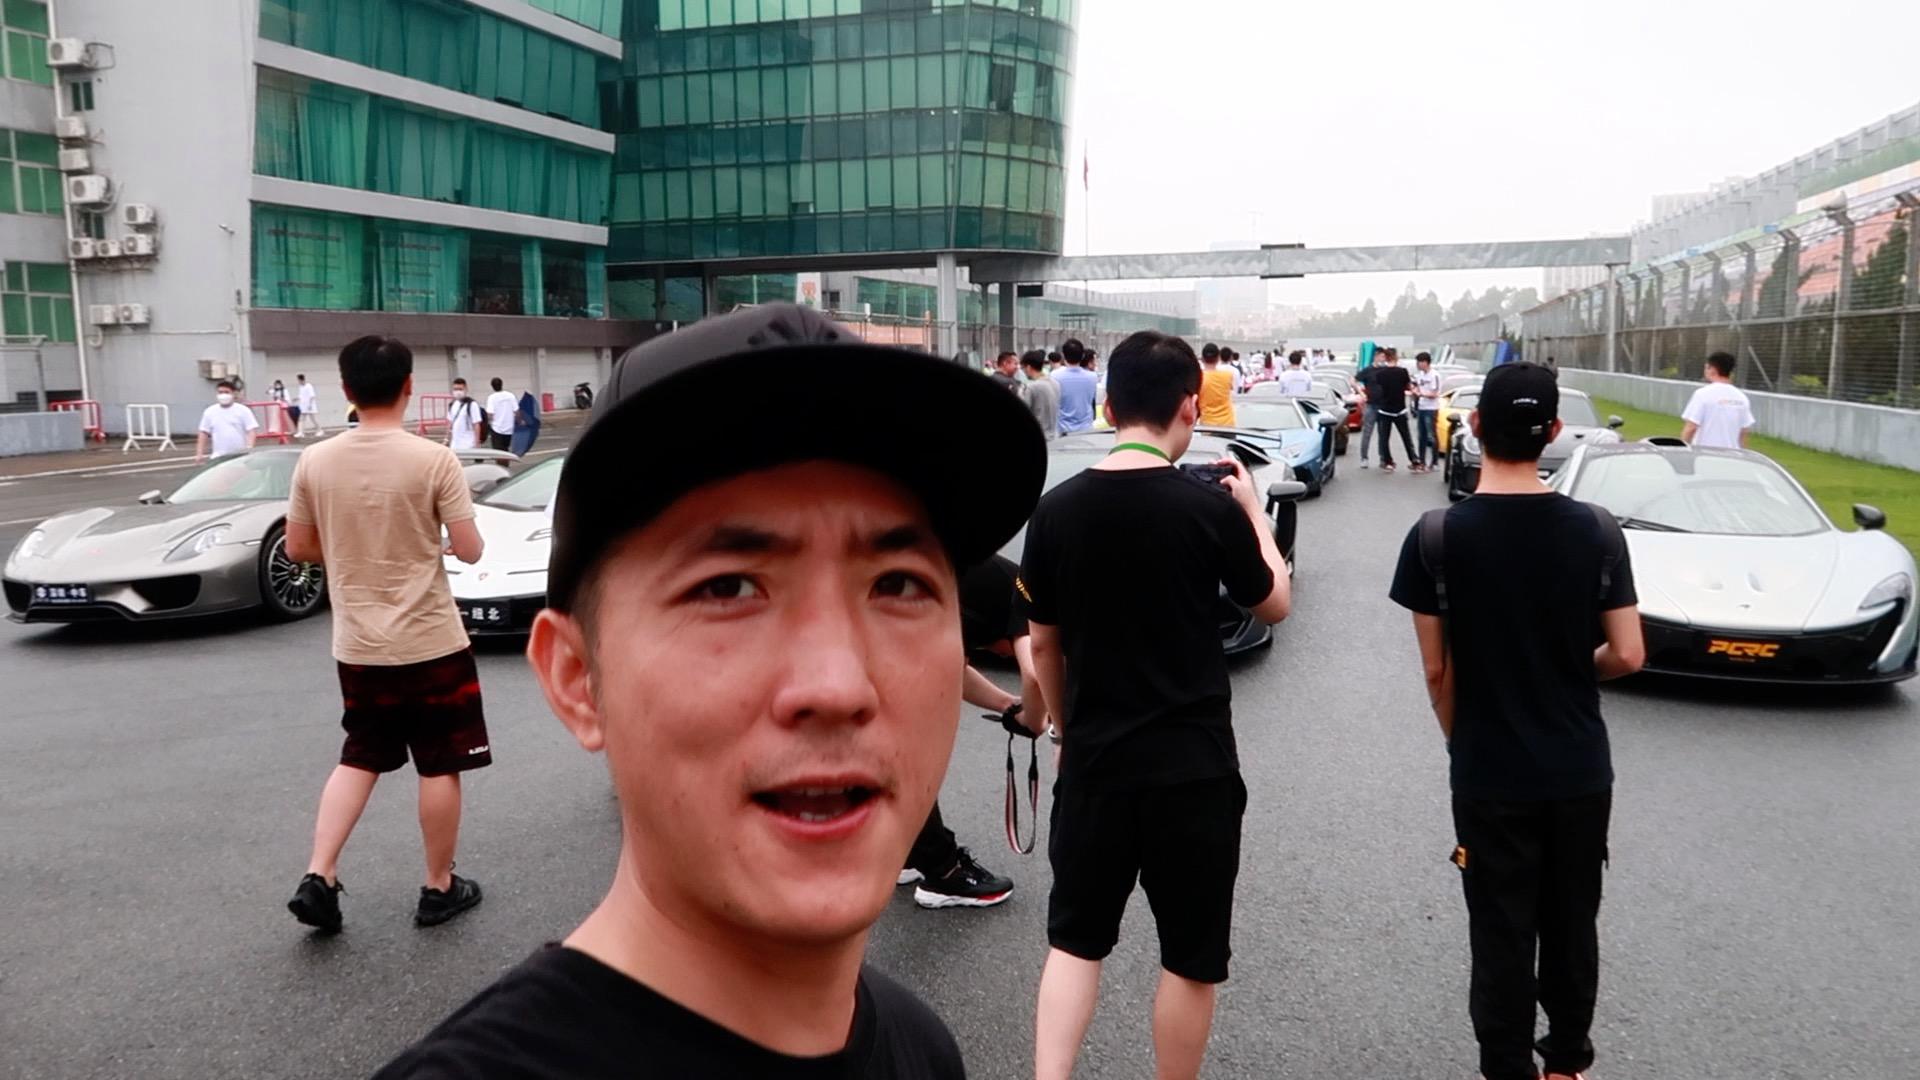 千万神车打头阵,广东超100台超跑的最大型聚会来了